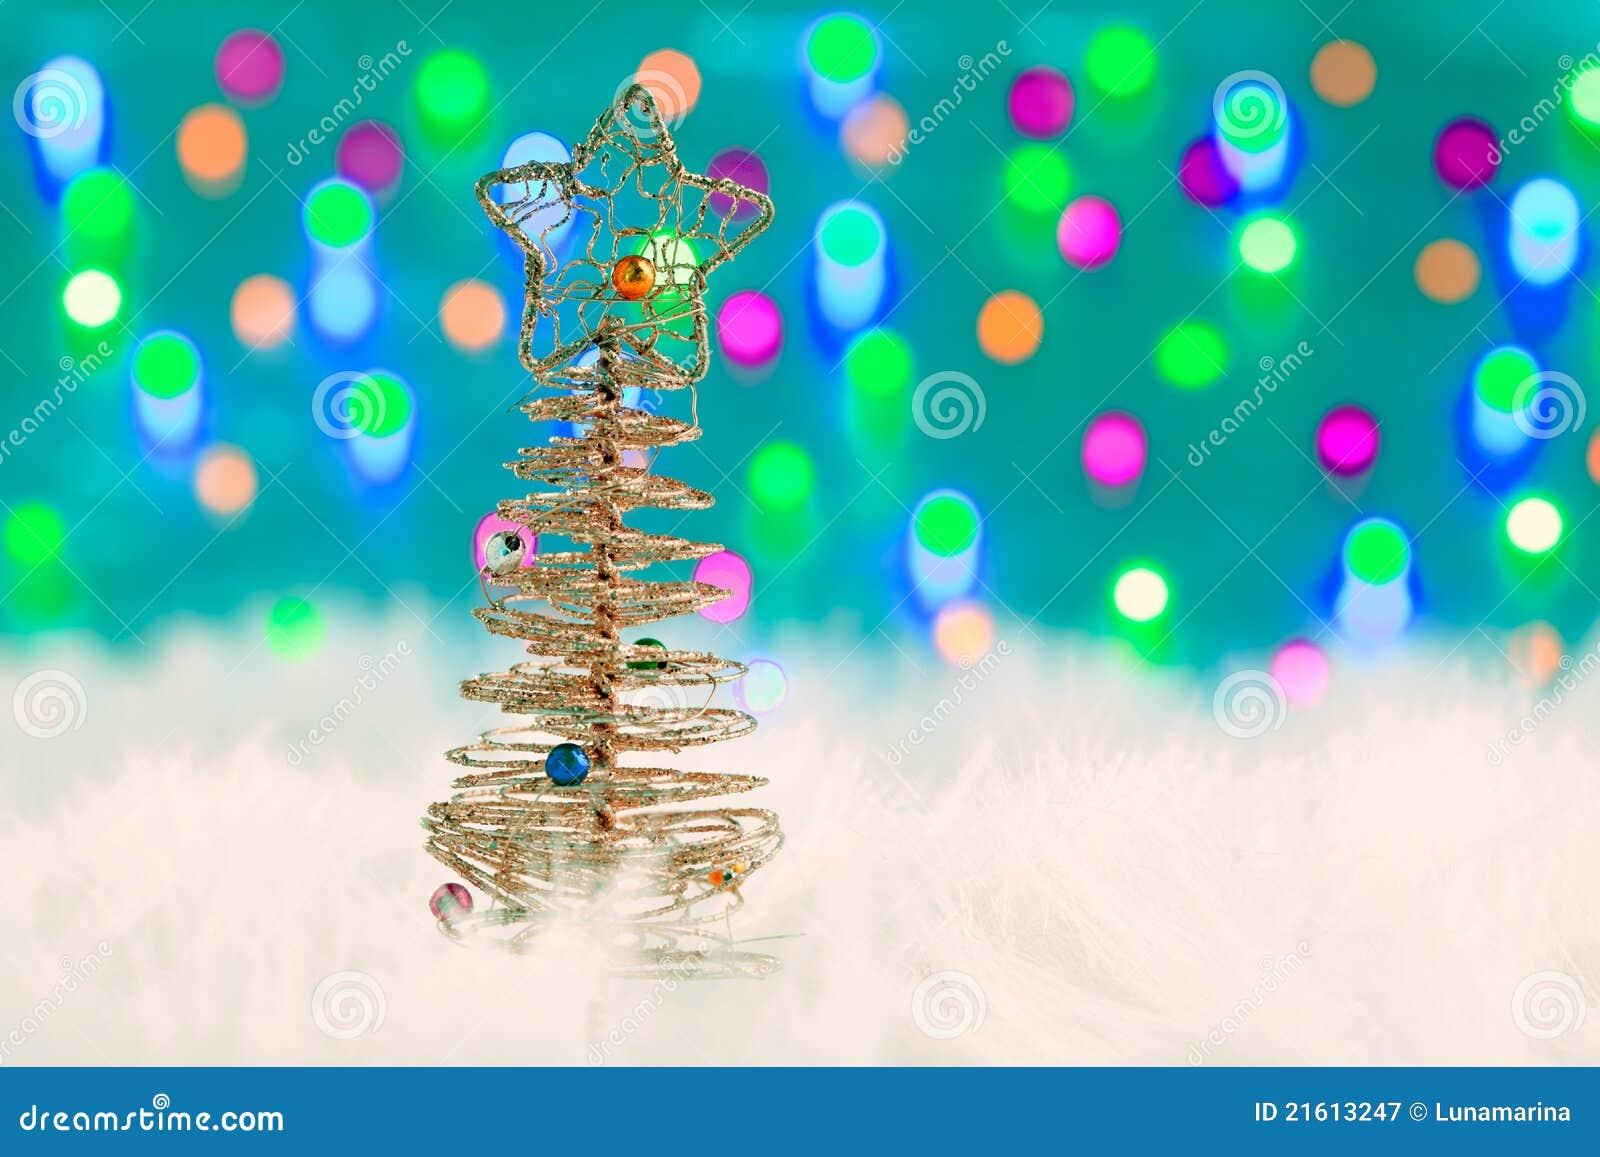 Rbol del alambre de la navidad en la piel y las luces - Arbol de navidad de alambre ...